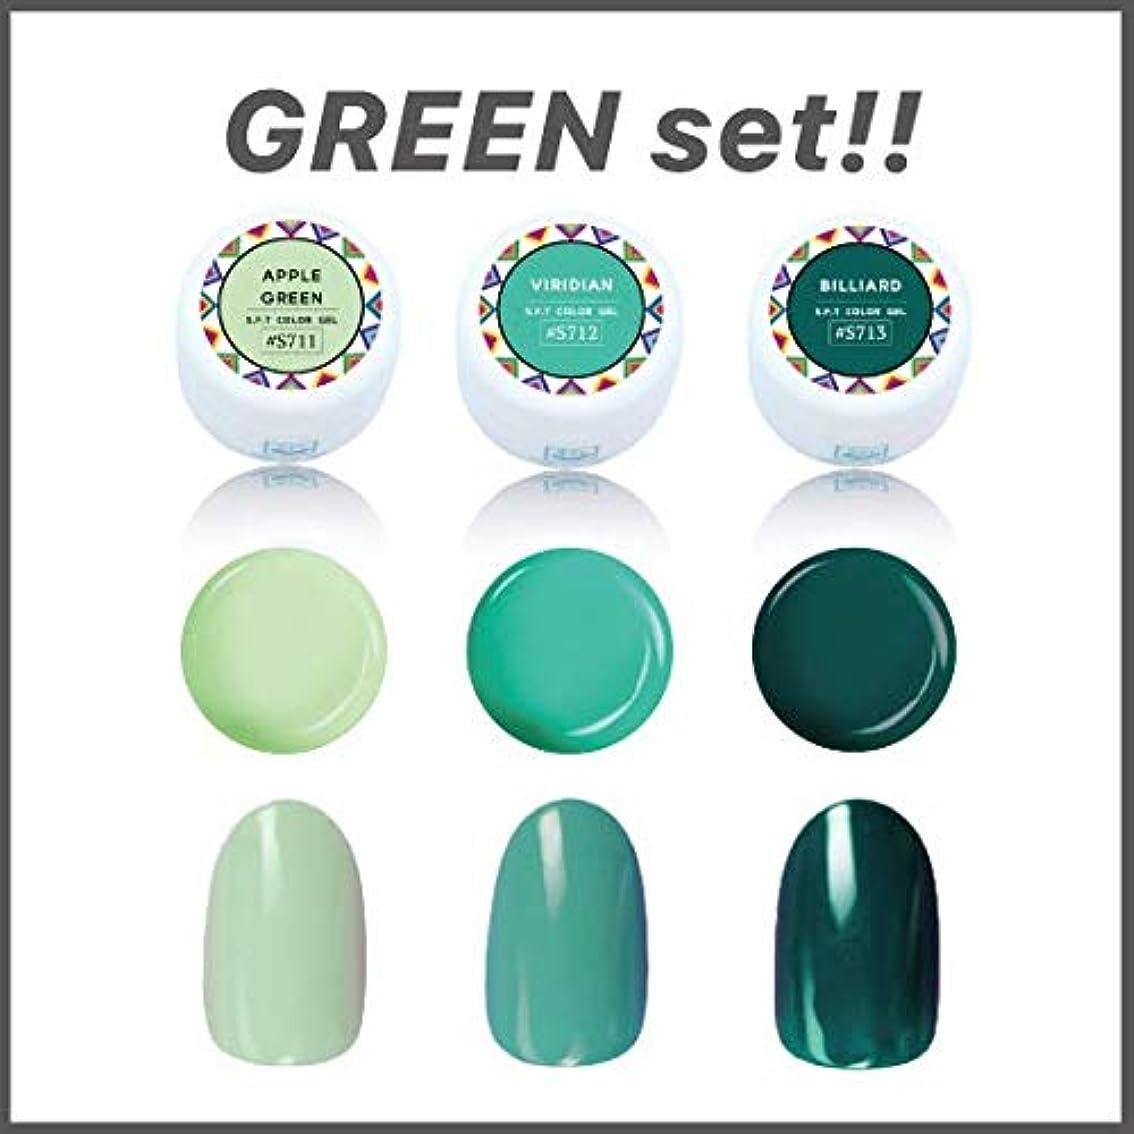 提案するスムーズに感嘆符日本製 ジェルネイル グリーンセット 3色セット FUNSIDË ファンサイド カラージェル グリーン 黄緑 ターコイズ